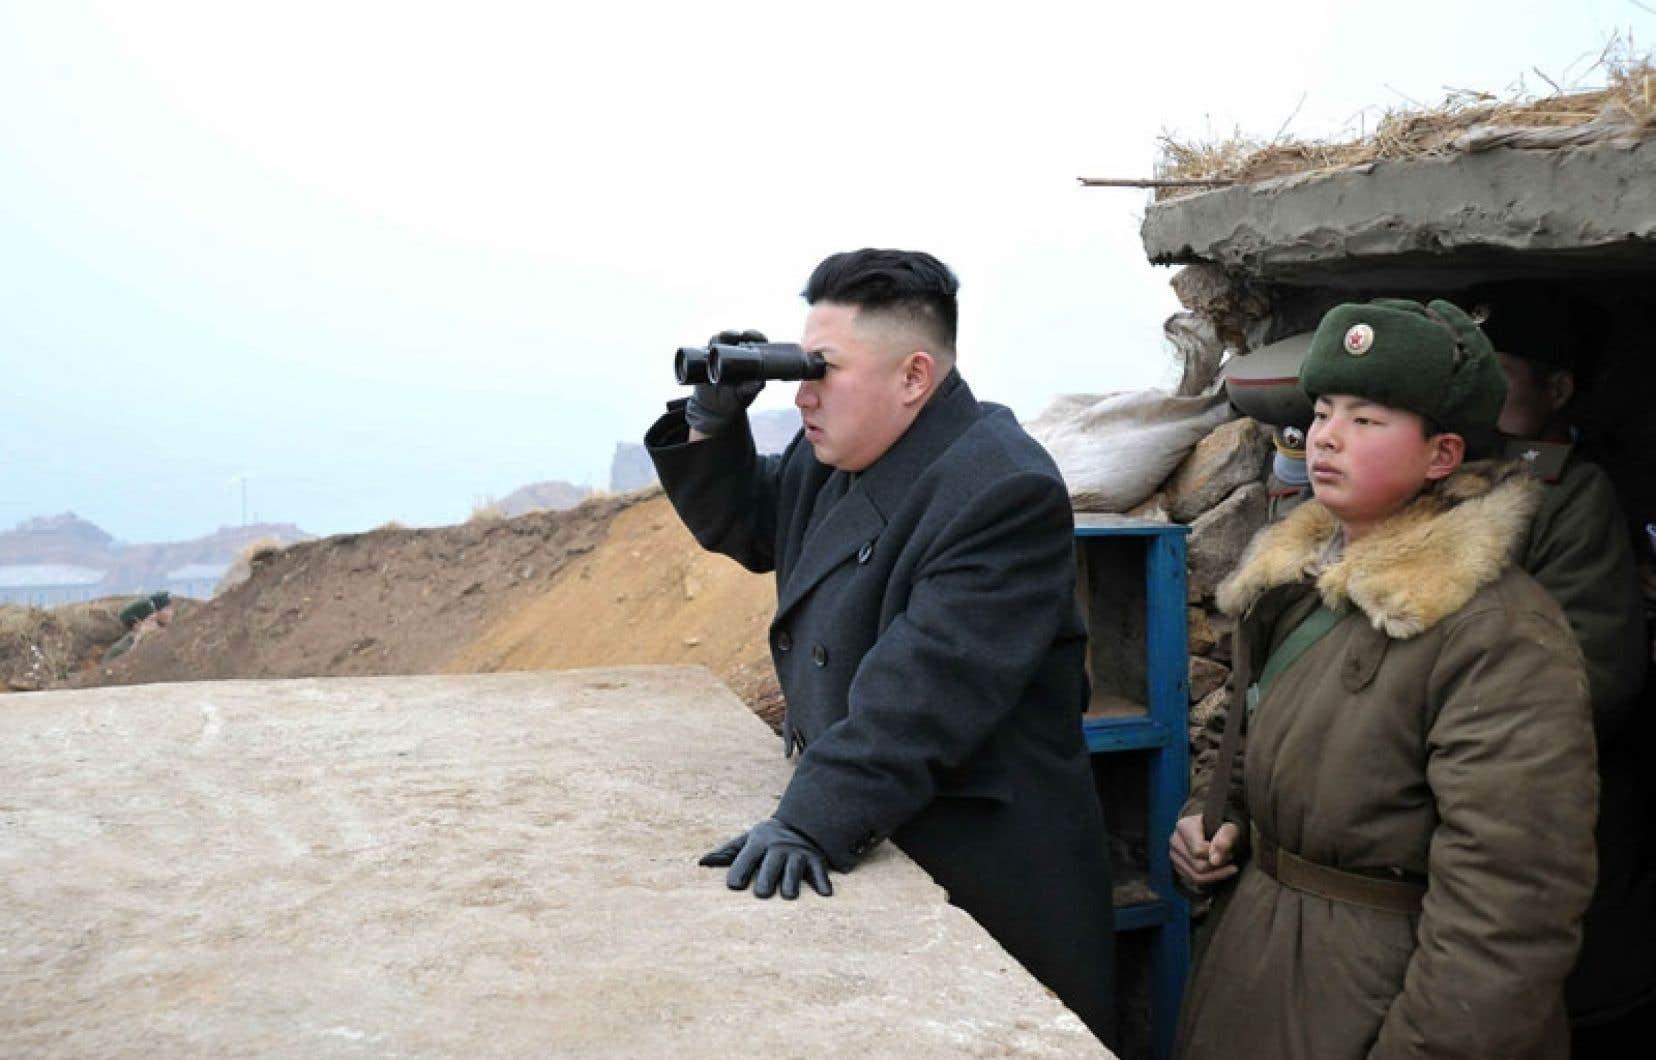 Les esclandres du chef suprême, Kim Jong-un, viennent de plonger la péninsule coréenne dans une nouvelle crise.